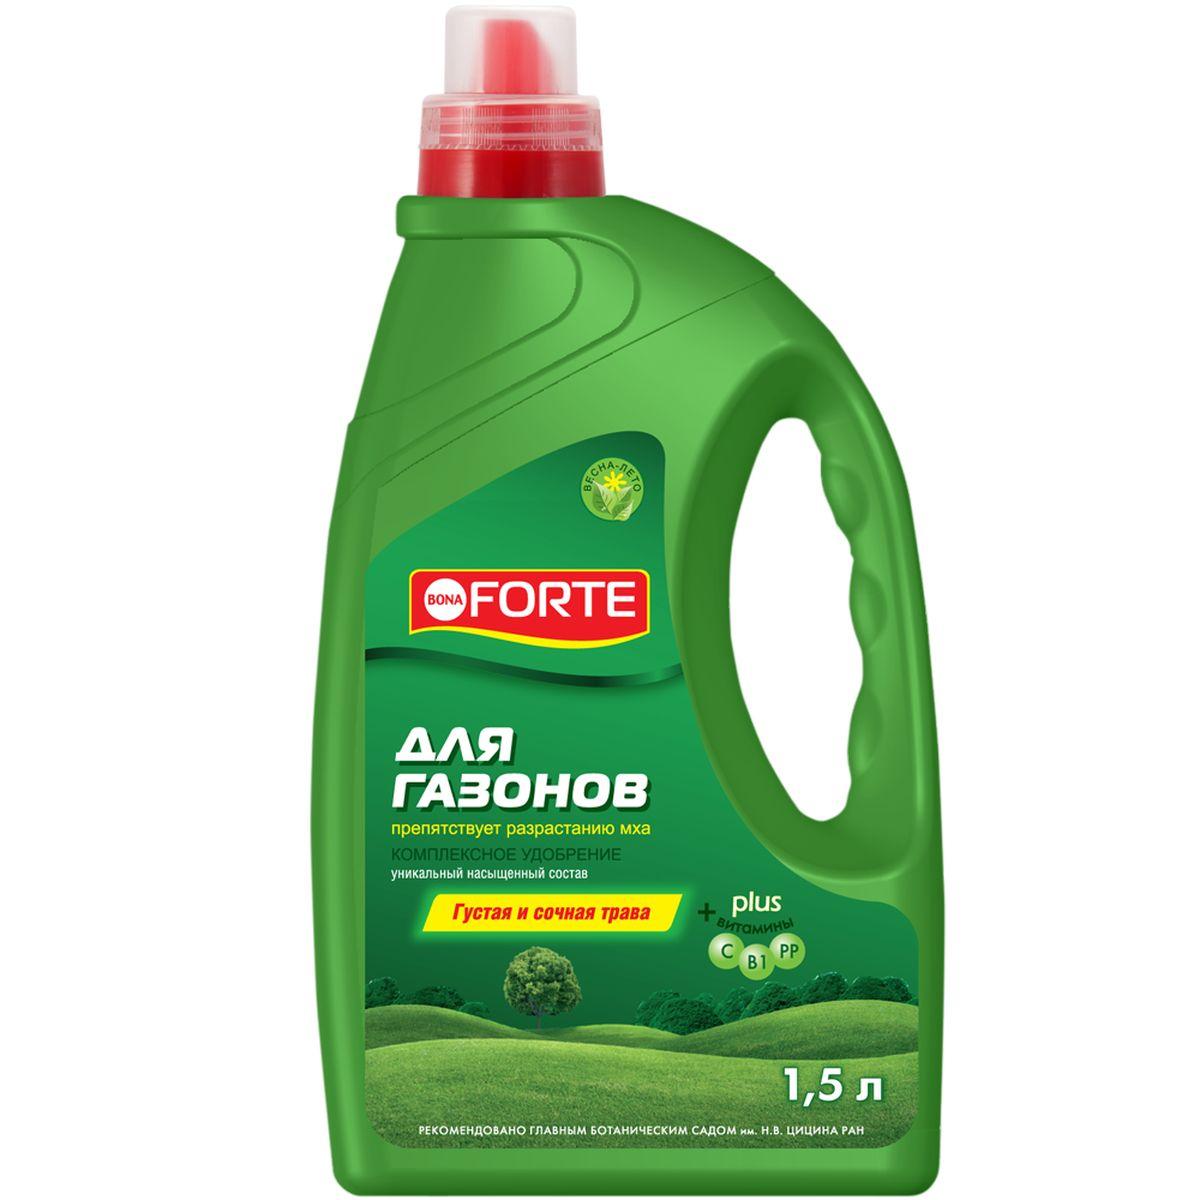 Жидкое комплексное удобрение Bona Forte, для газонов, 1,5 лBF-21-04-008-1Восстанавливает траву после скашивания, укрепляет и уплотняет травяной покров, придает сочный и яркий зеленый цвет газону.Содержит полный комплекс веществ, необходимых для полноценного и сбалансированного питания растений: высокая доля (17,5 %) основных элементов (NPK), обеспечивающих сбалансированное питание газонных трав; высокая доля (17,5 %) основных элементов (NPK), обеспечивающих сбалансированное питание газонных трав; высокая доля (1,4%) мезоэлемента (Mg), гарантирующего яркую сочную окраску, а также повышающего устойчивость к неблагоприятным внешним условиям; комплекс основных микроэлементов в хелатной форме, что способствует полному их усвоению и пролонгированному действию; комплекс витаминов для поддержания и укрепления иммунной системы растений; регулятор роста для стимулирования роста газона.